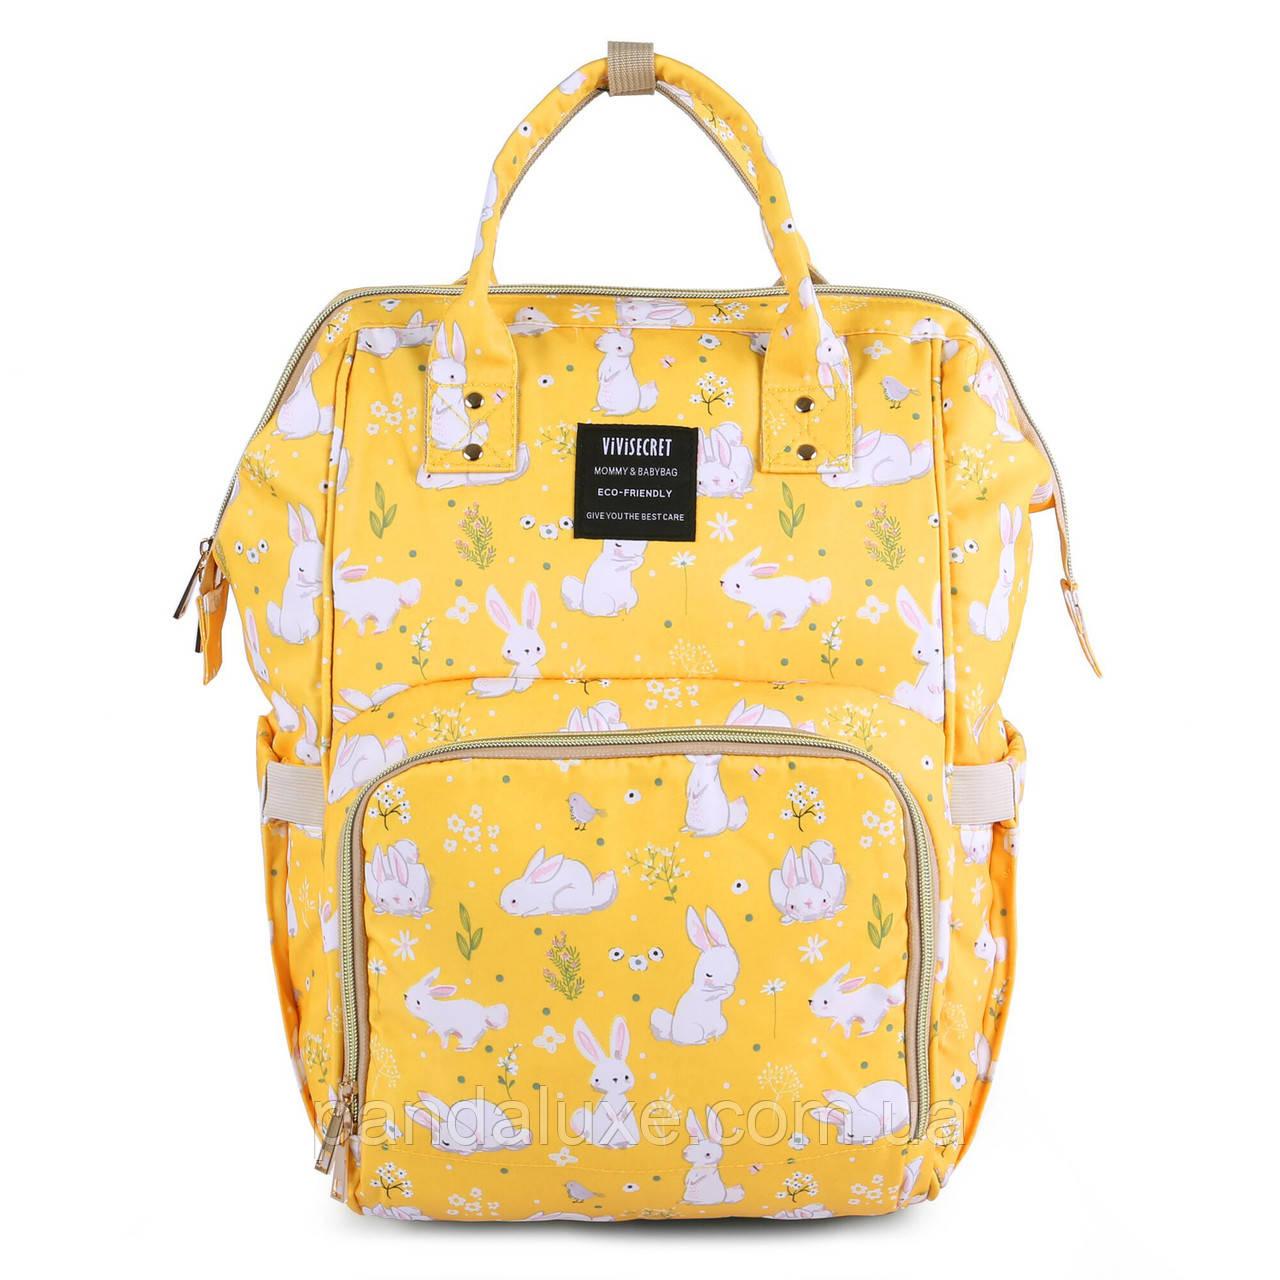 Женский желтый рюкзак сумка Зайки ViViSECRET